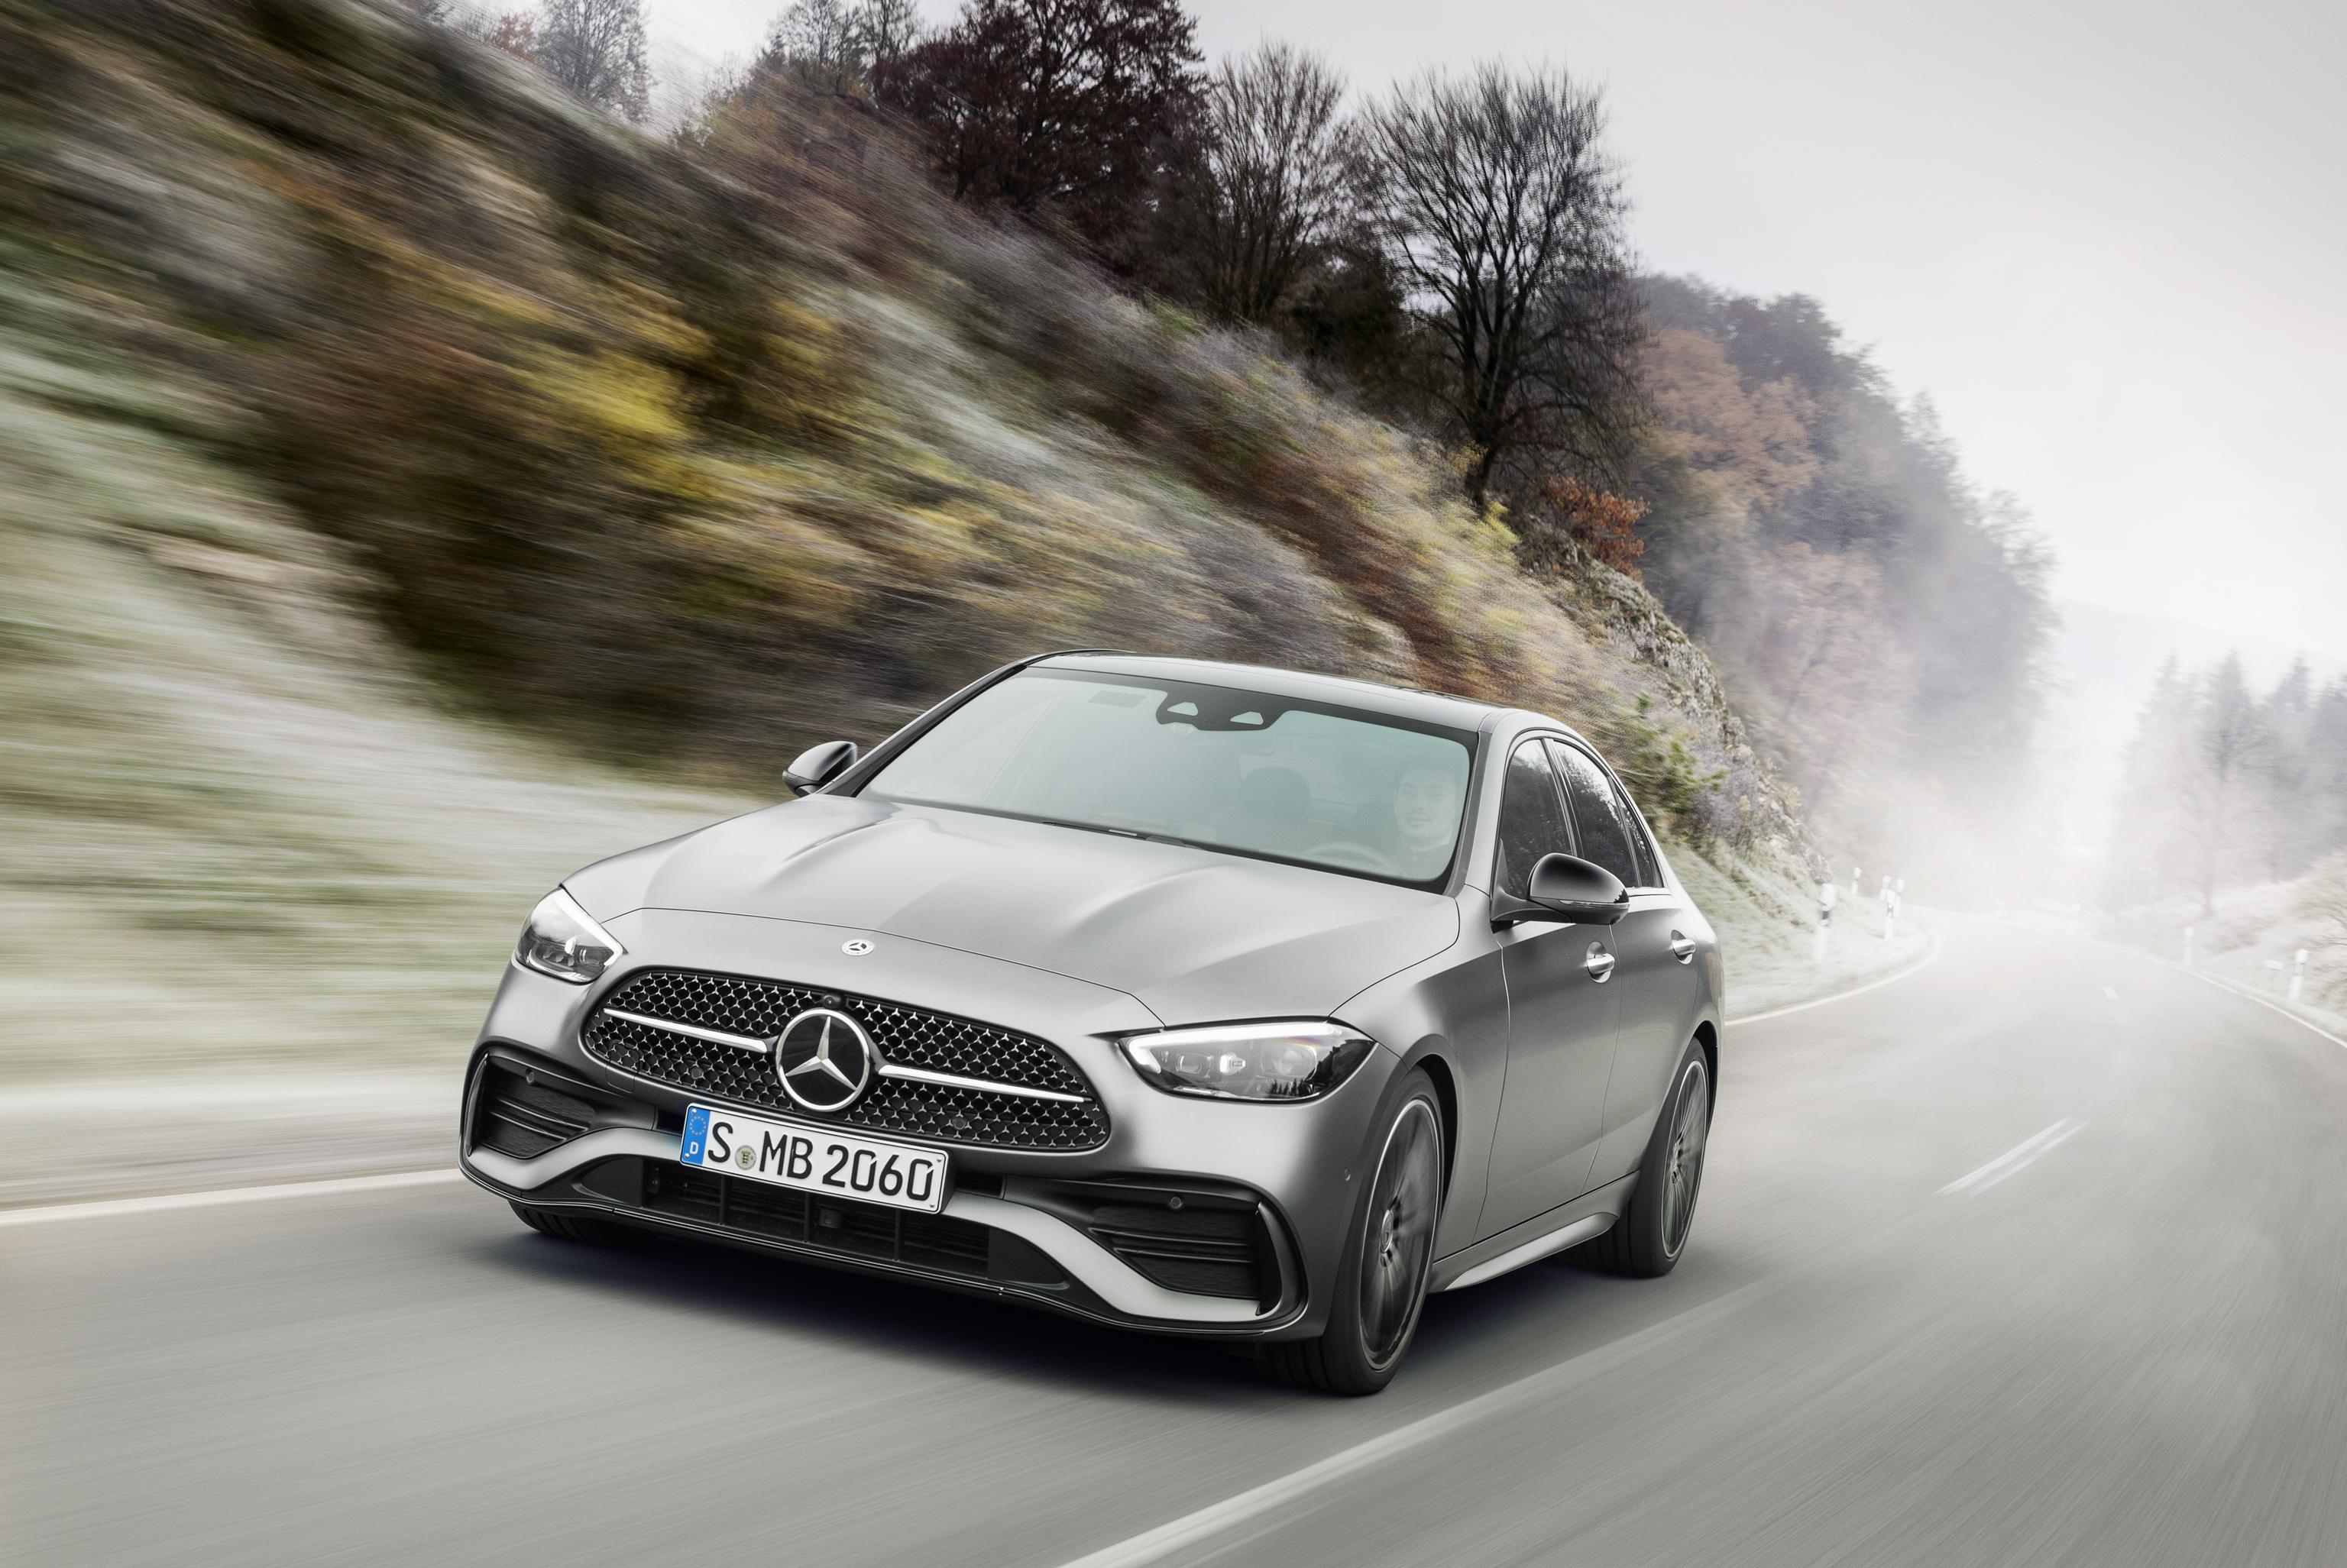 La nueva Clase C de Mercedes-Benz llega con fuerza a su quinta generación.